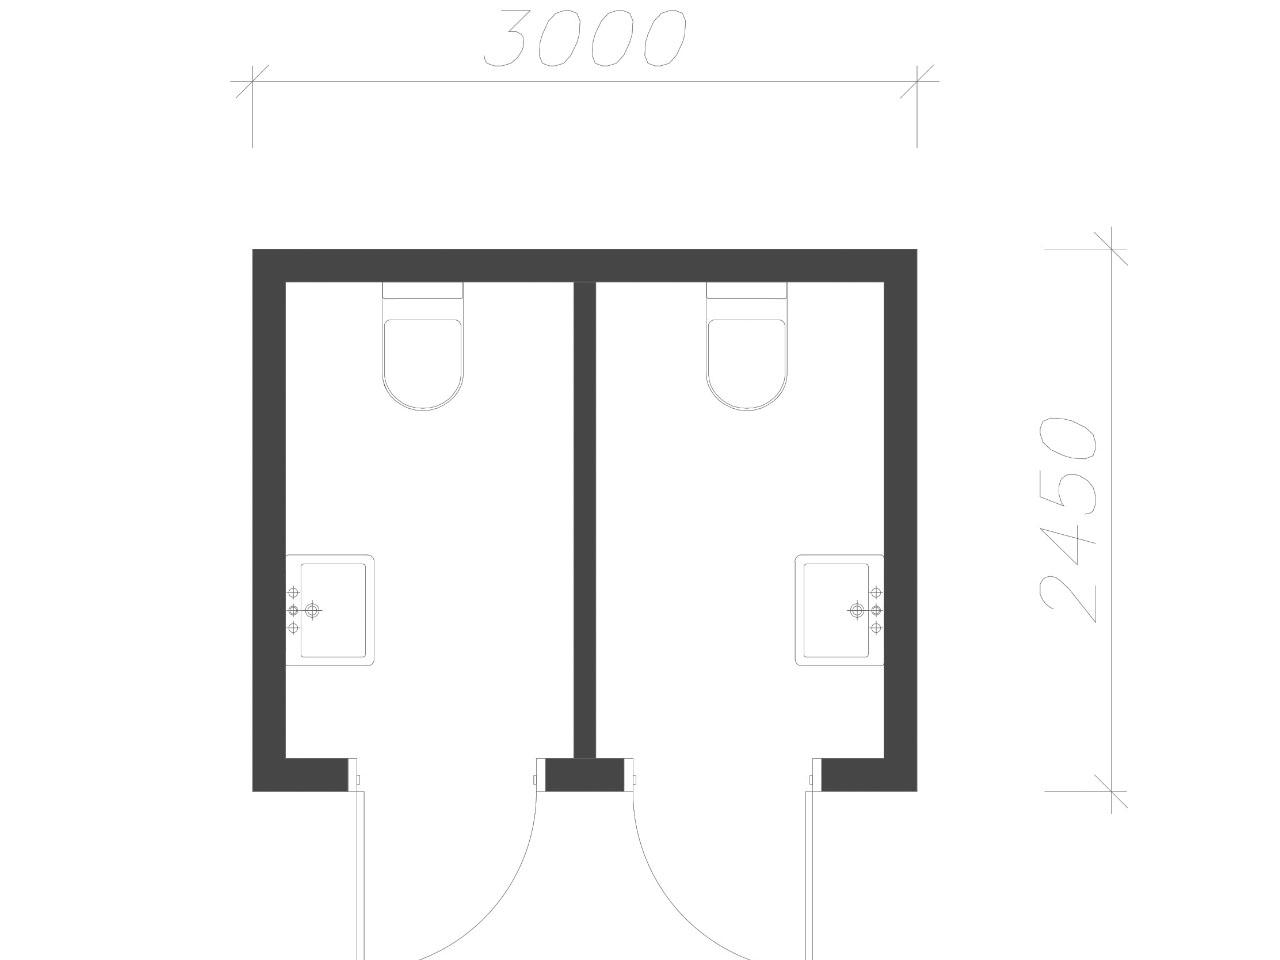 план-схема Сантехнический контейнер СанБК-14